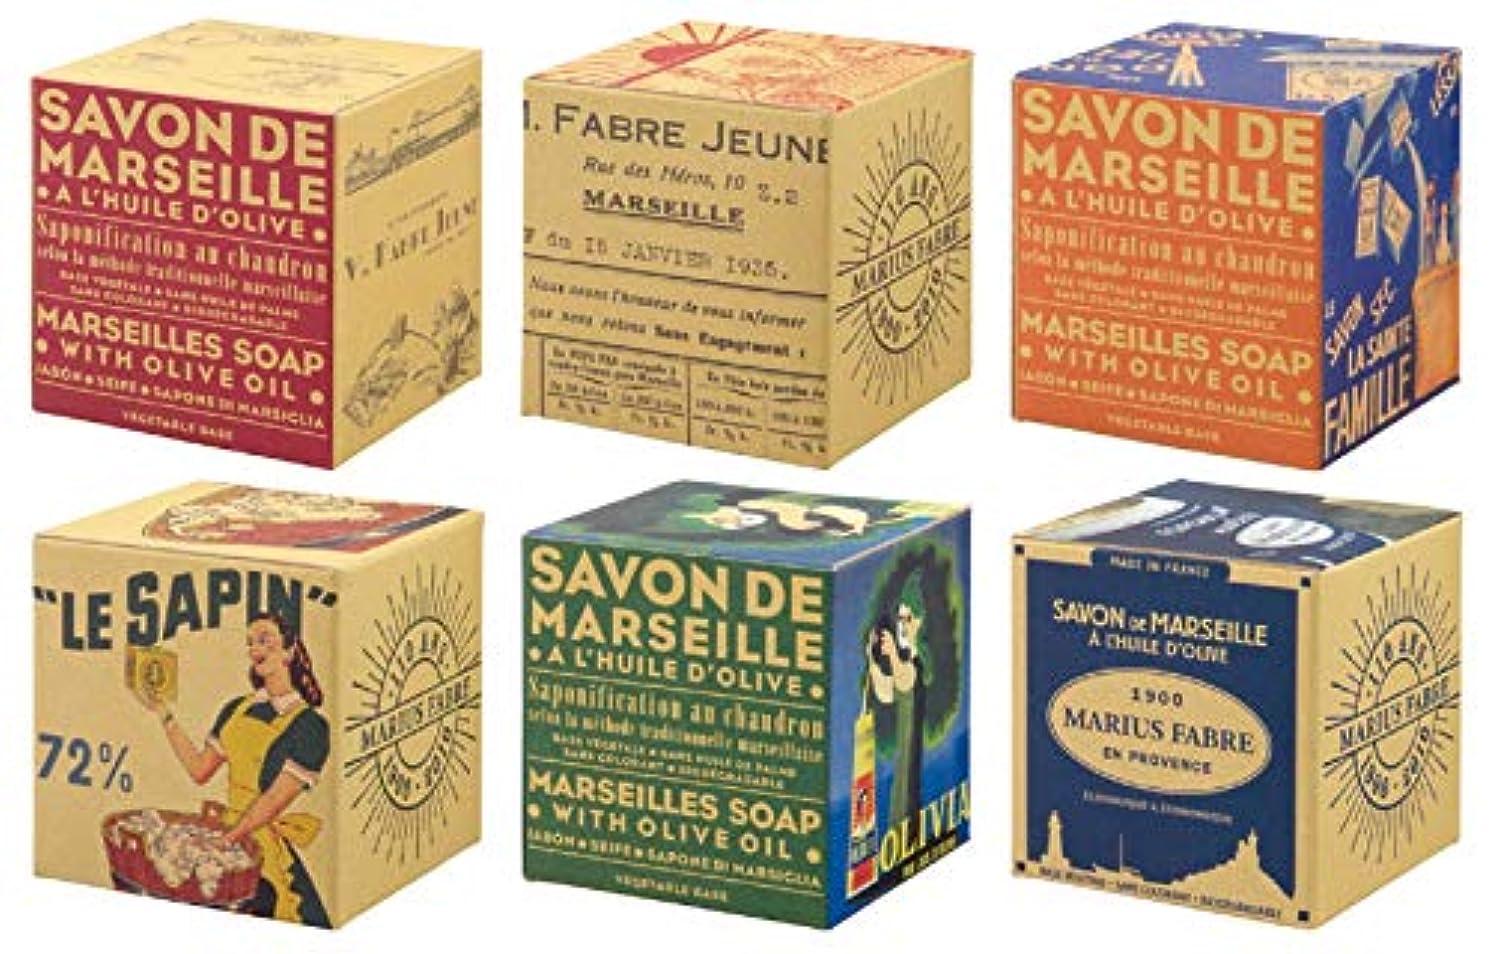 仕事に行く人質サワーサボンドマルセイユ BOX オリーブ 200g (箱の柄のご指定はできません)